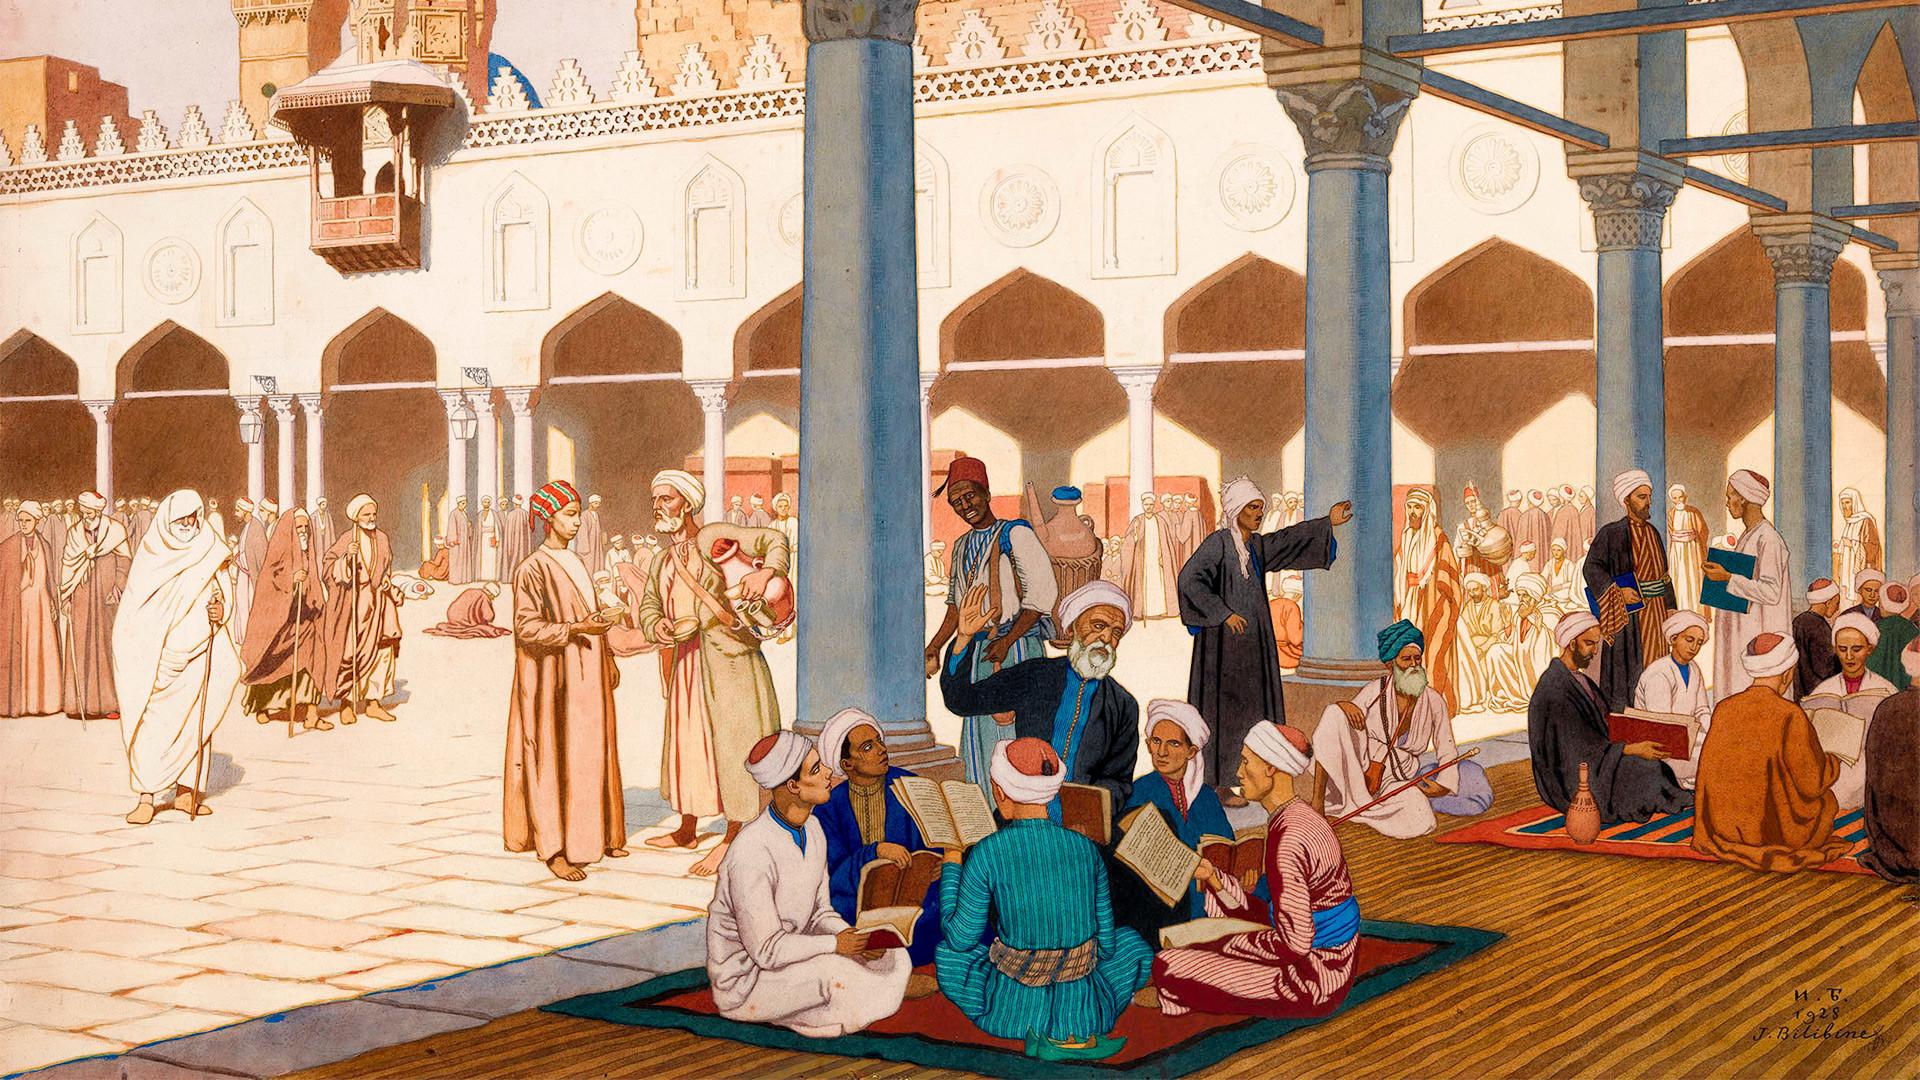 Une peinture de Bilibine dans la cour intérieure de la mosquée Al-Azar et l'Université du Caire.